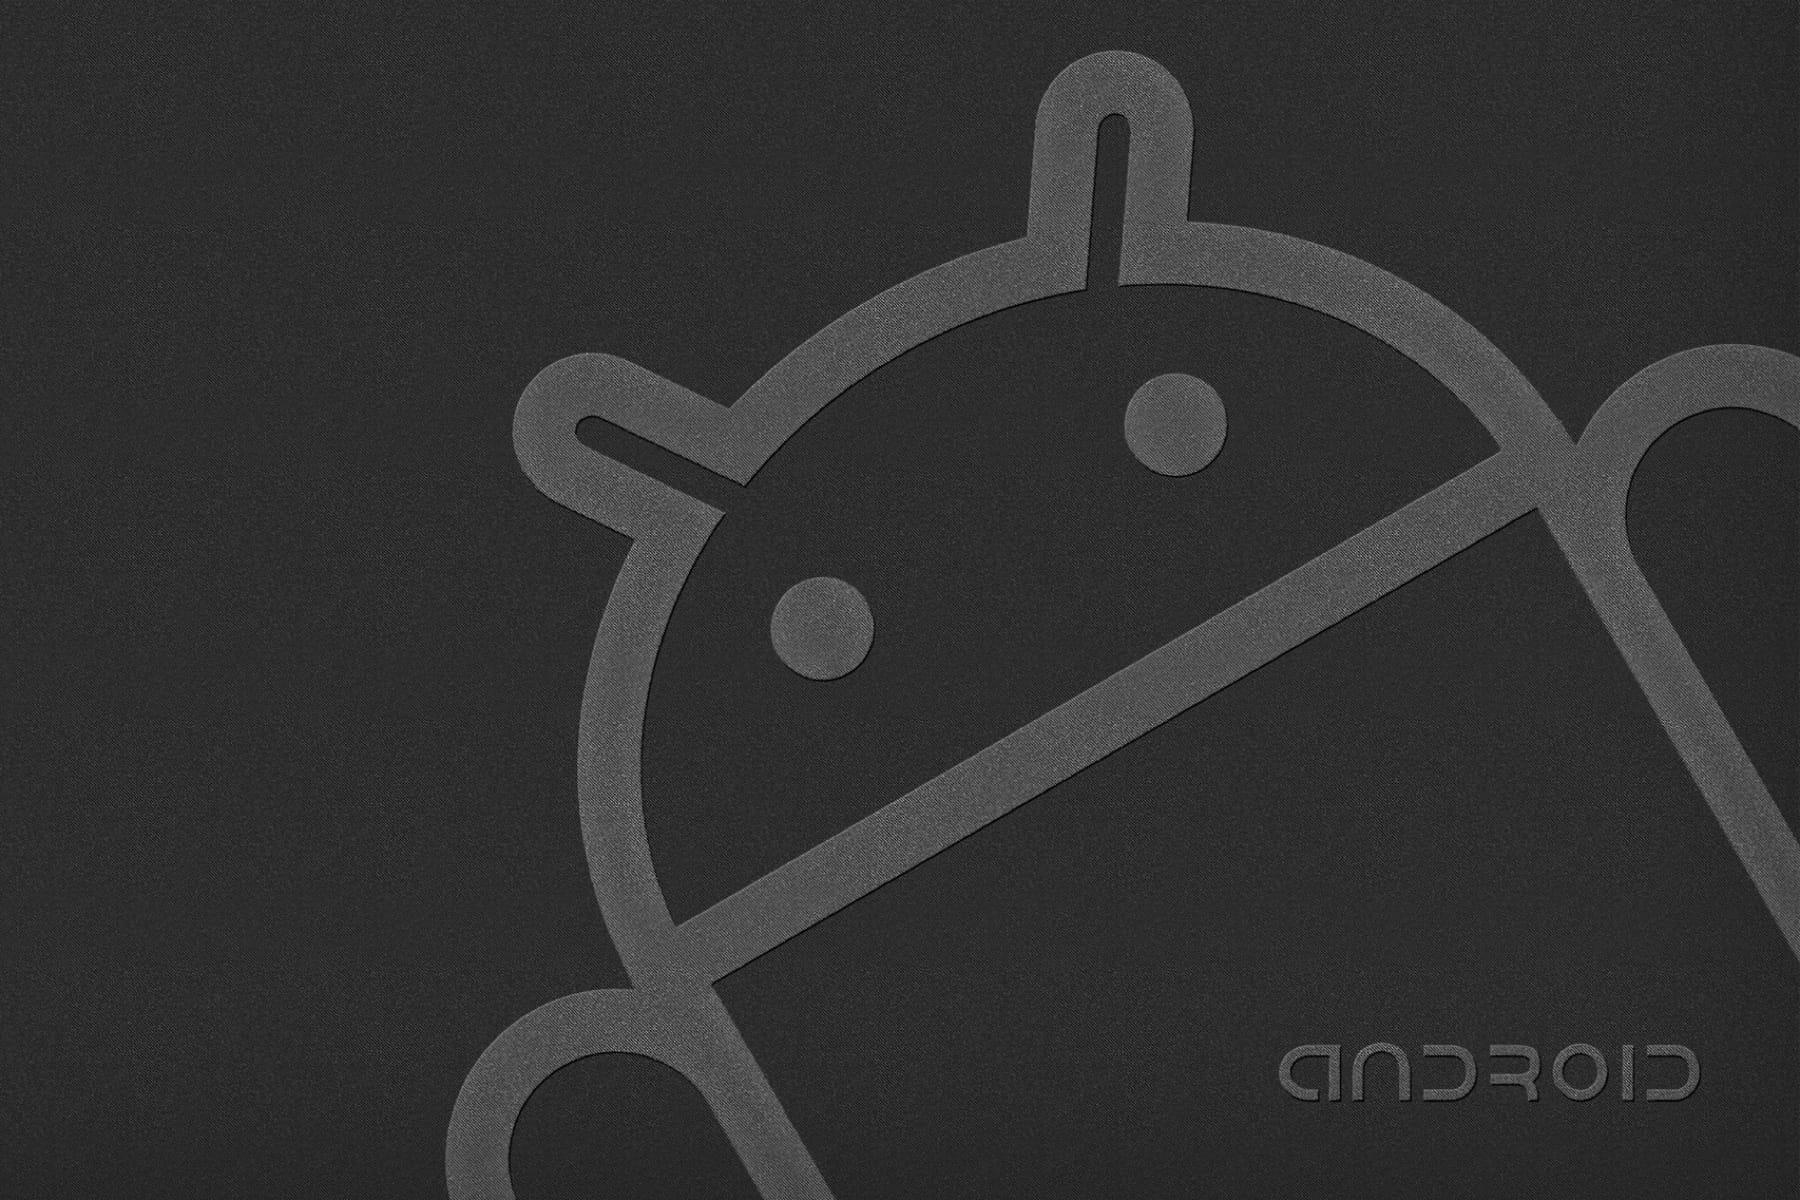 Вмагазине андроид  найдены сотни шпионских приложений